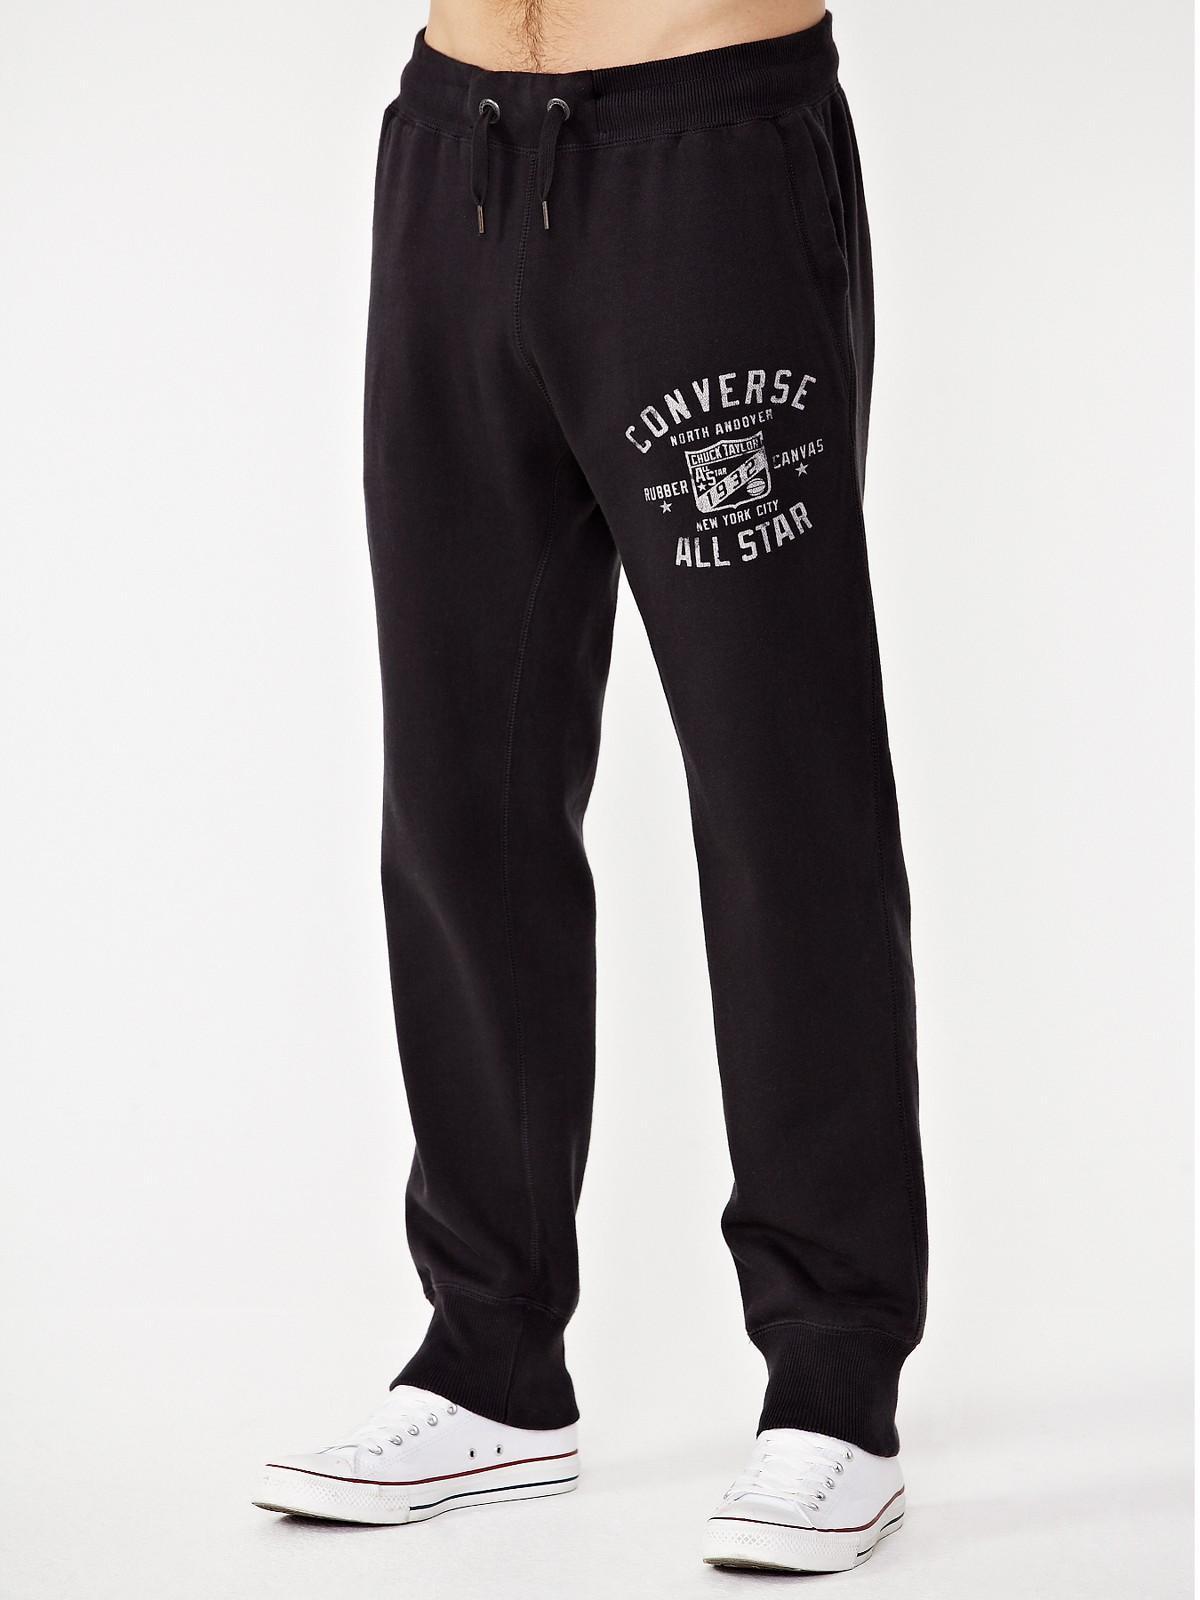 black sweatpants outfit men - photo #19